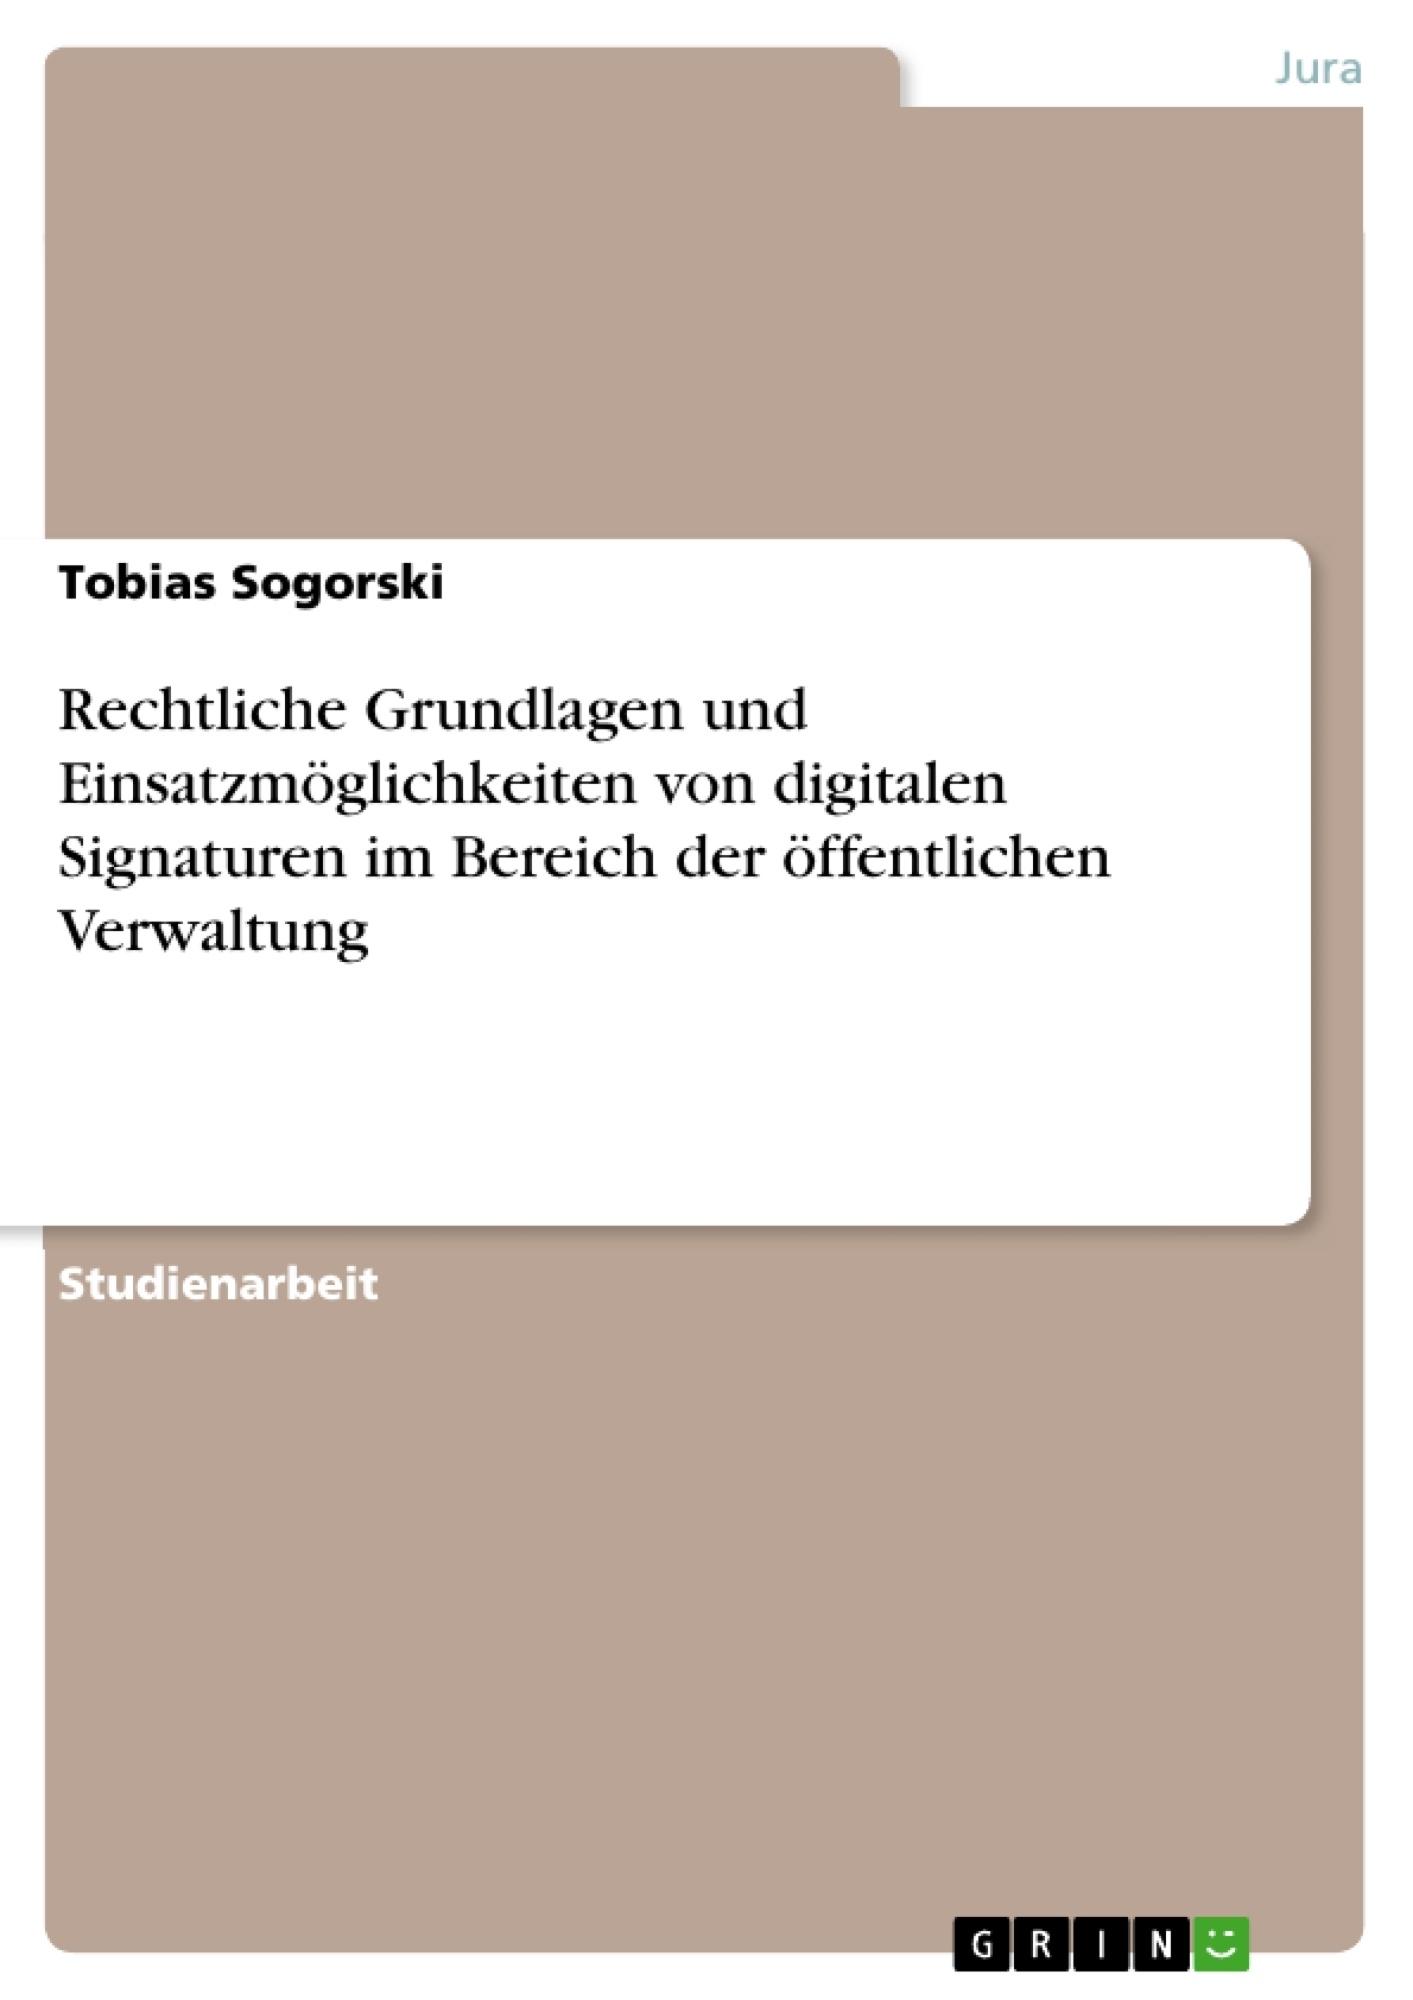 Titel: Rechtliche Grundlagen und Einsatzmöglichkeiten von digitalen Signaturen im Bereich der öffentlichen Verwaltung